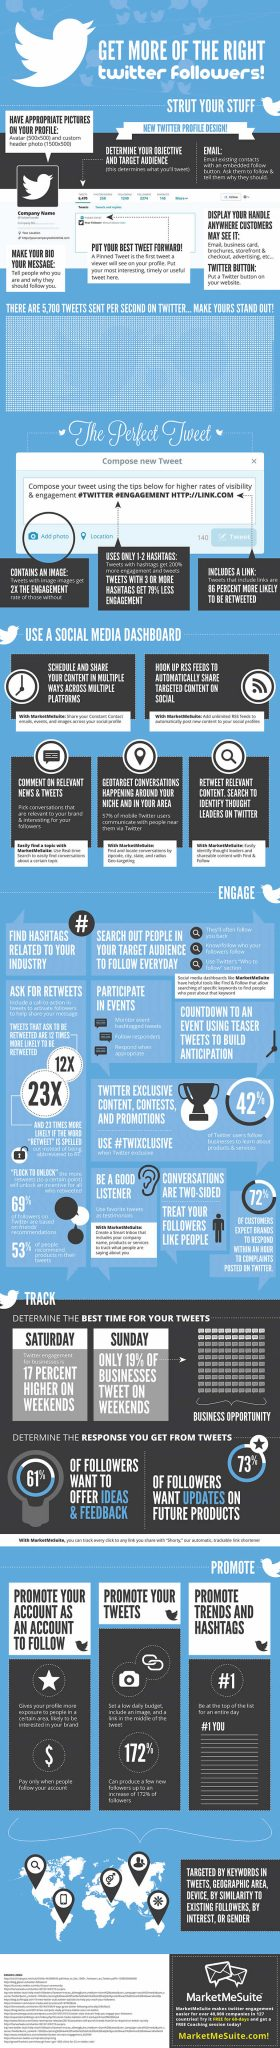 Todo sobre Twitter y su nuevo diseño